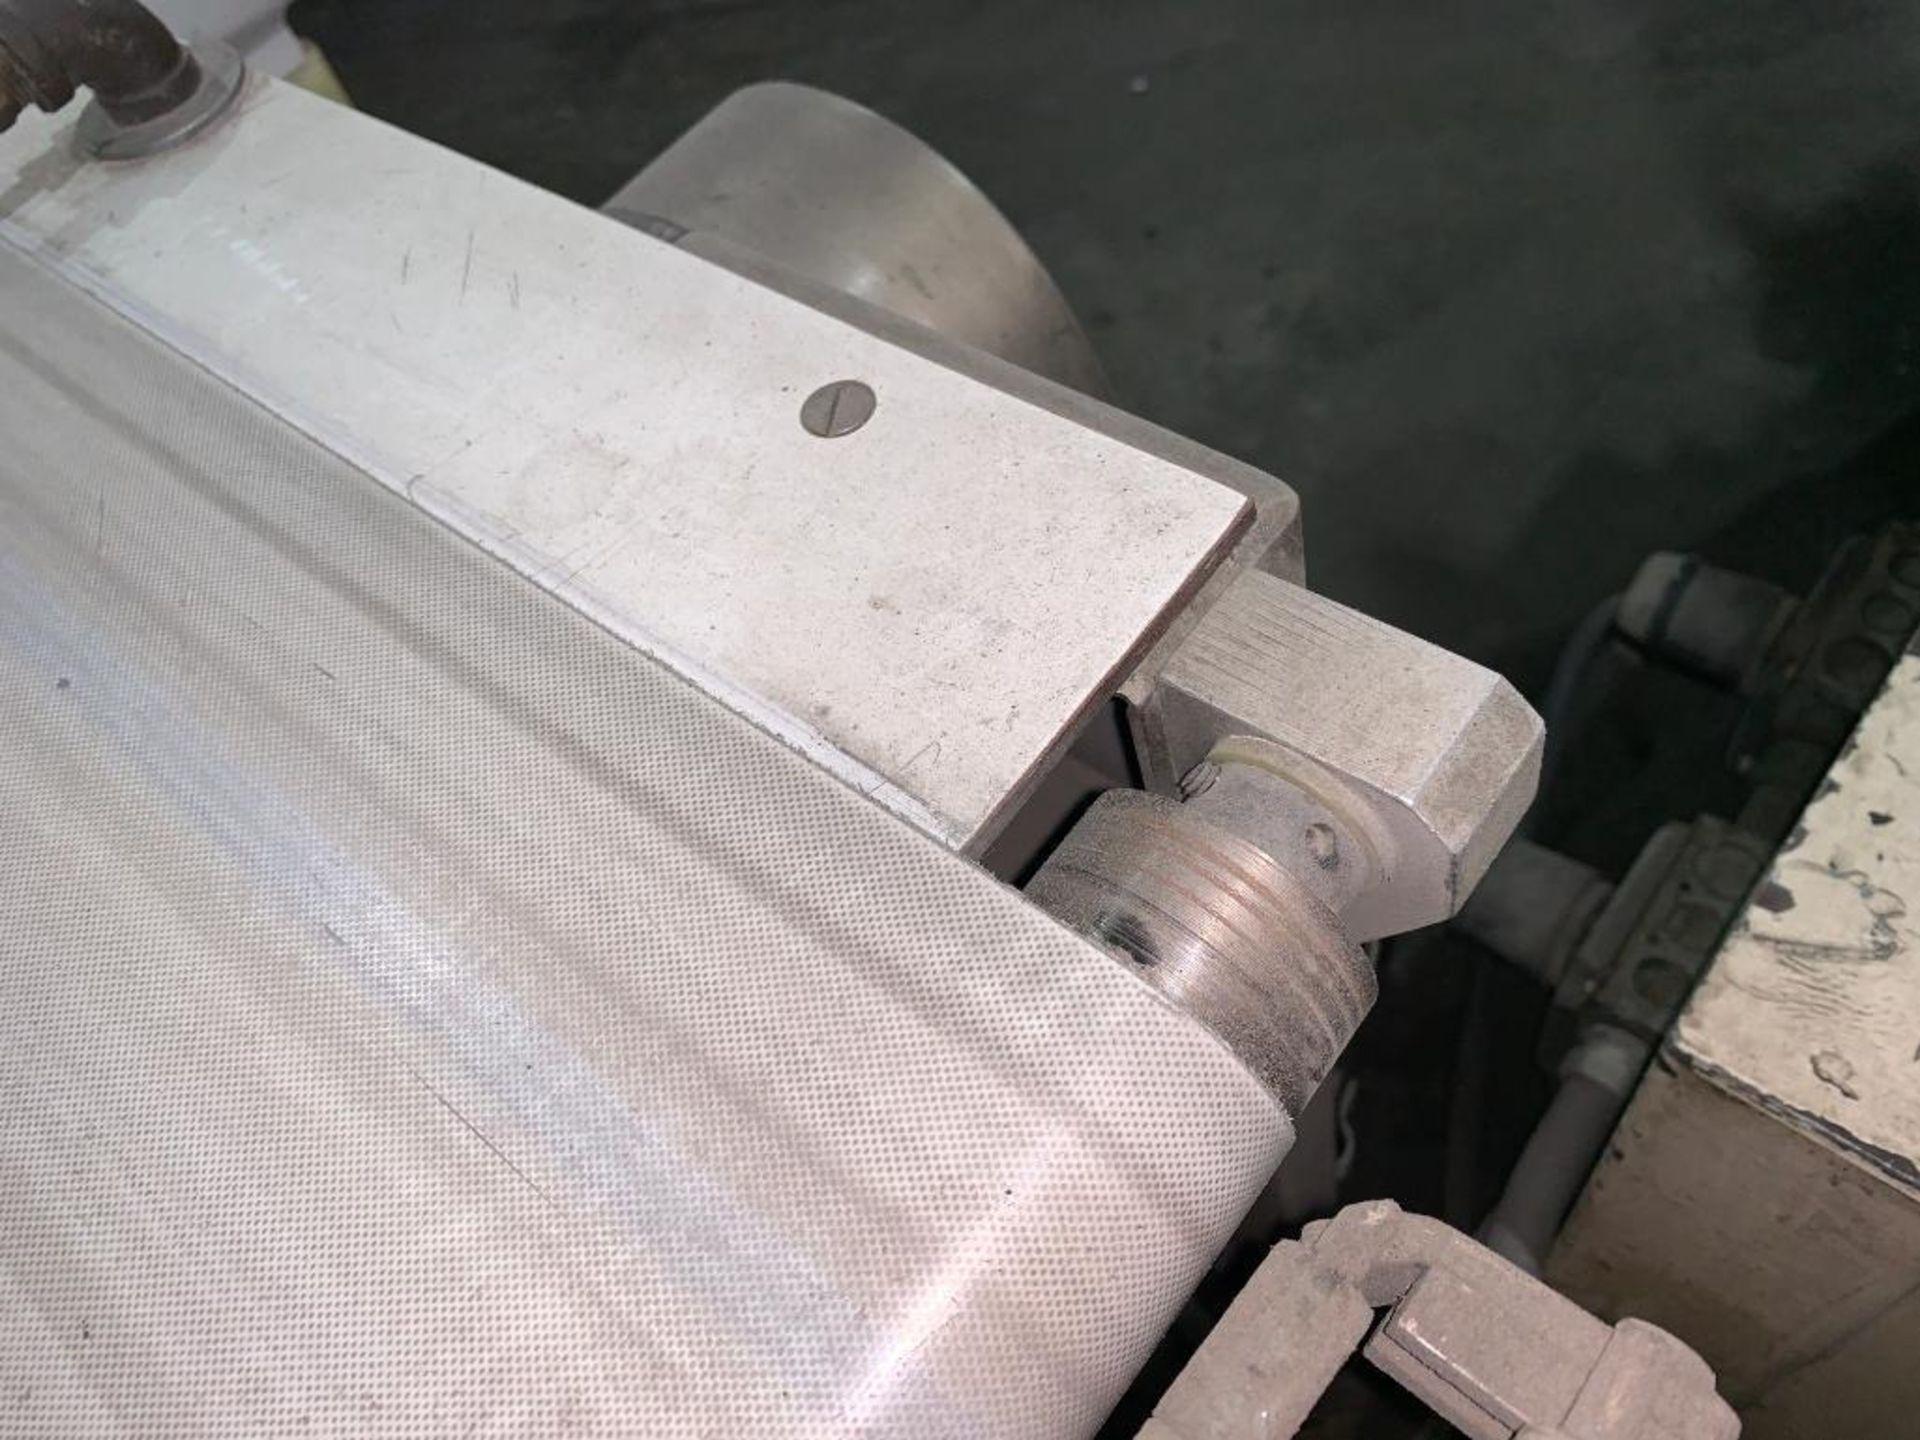 Mettler Toledo metal detector - Image 21 of 24